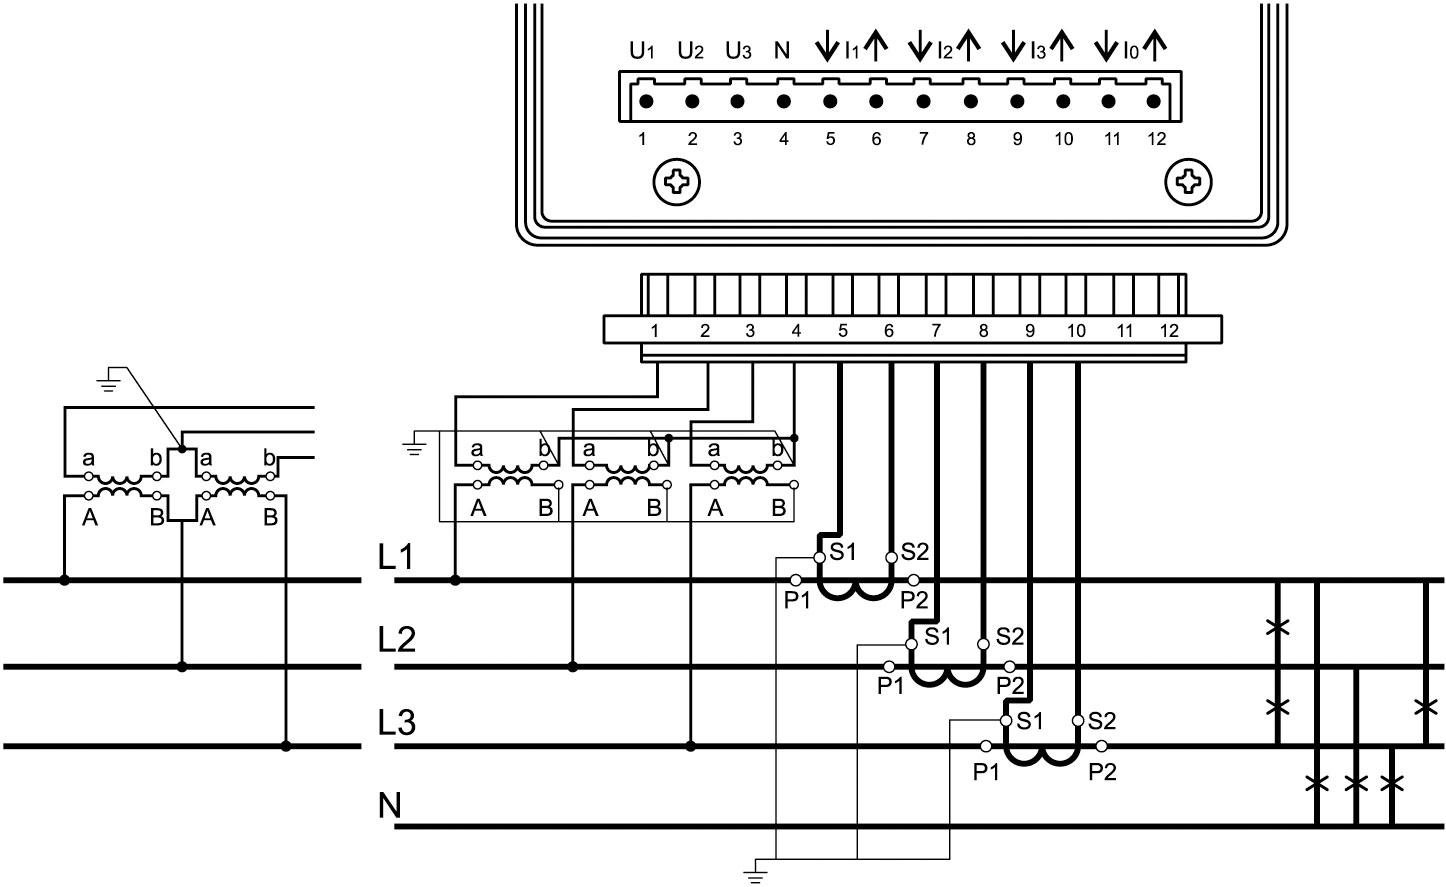 Схема подключения анализатора ND45 к силовым линиям в случае измерений параметров 4-проводной сети с использованием четырех трансформаторов тока